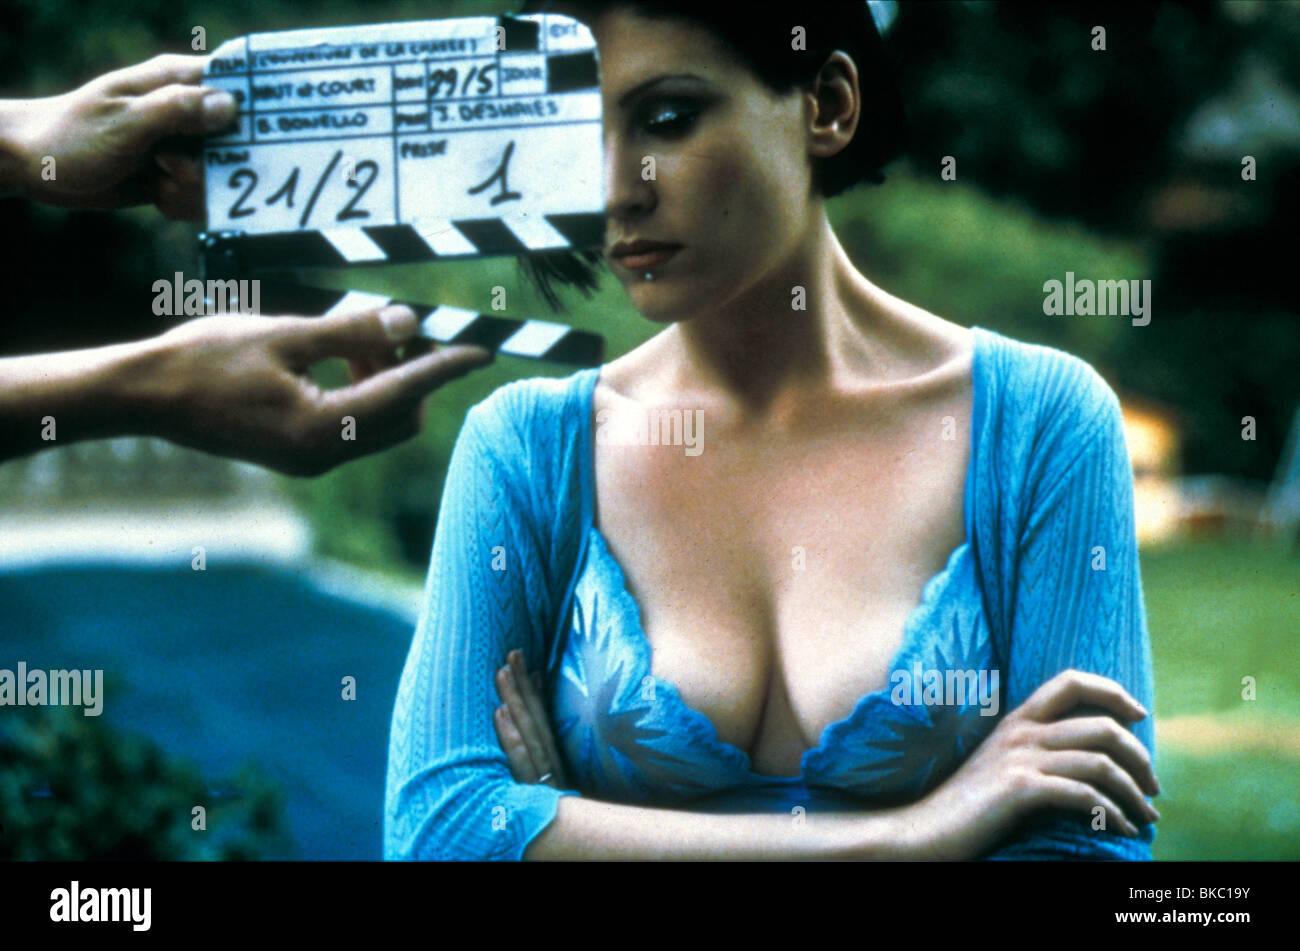 THE PORNOGRAPHER(2001) PNGR